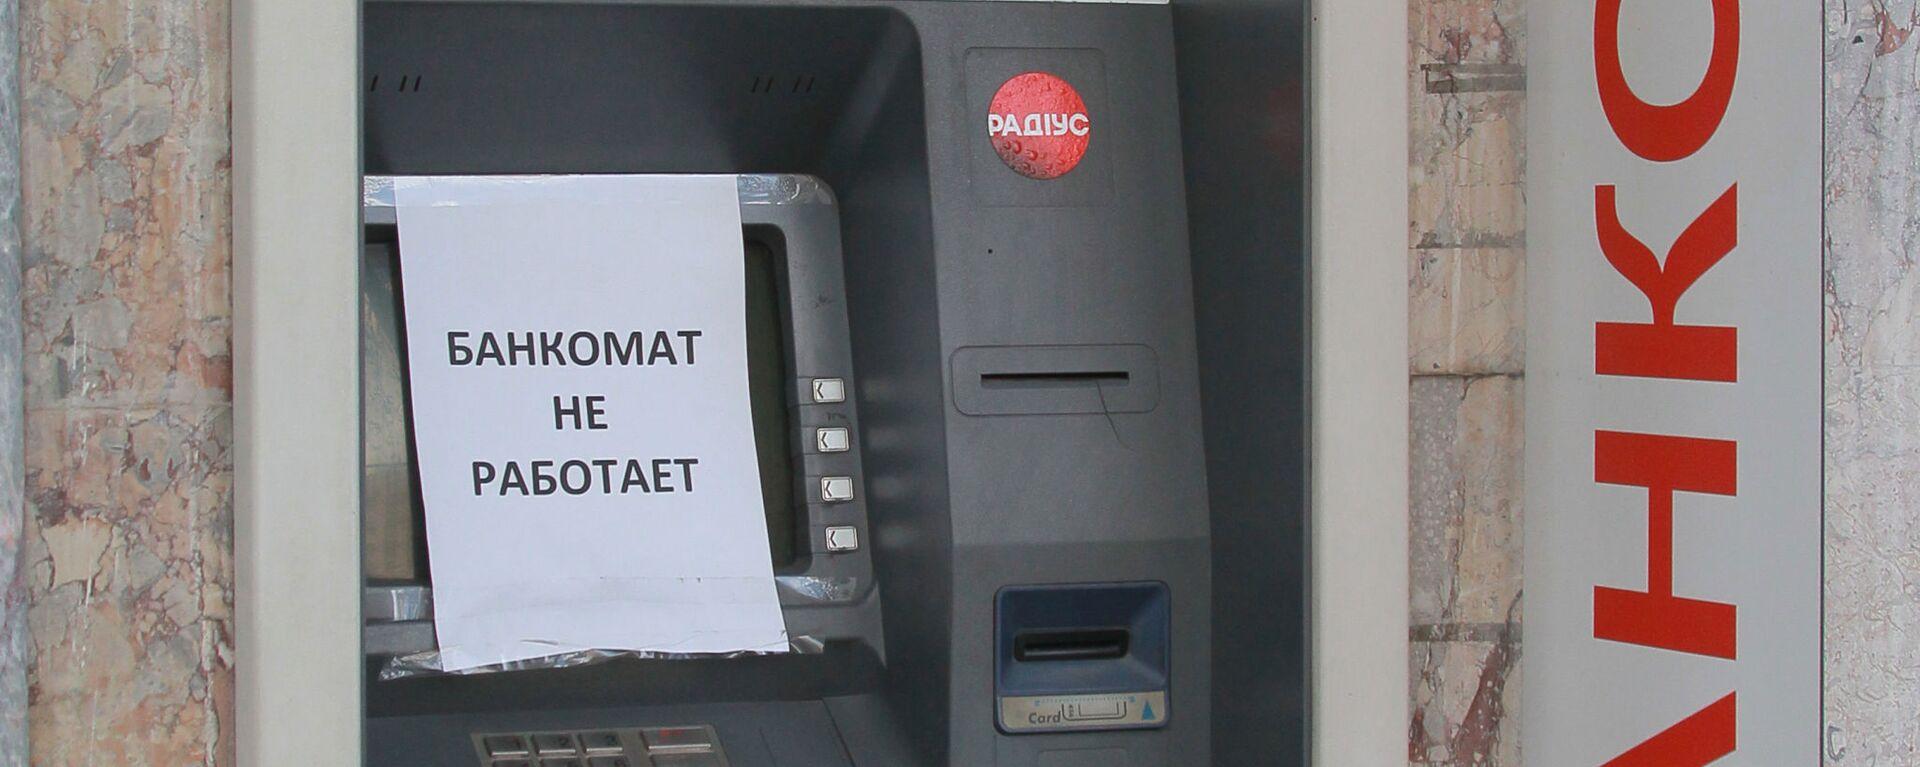 Неработающий банкомат в Донецке. - Sputnik Тоҷикистон, 1920, 08.02.2021